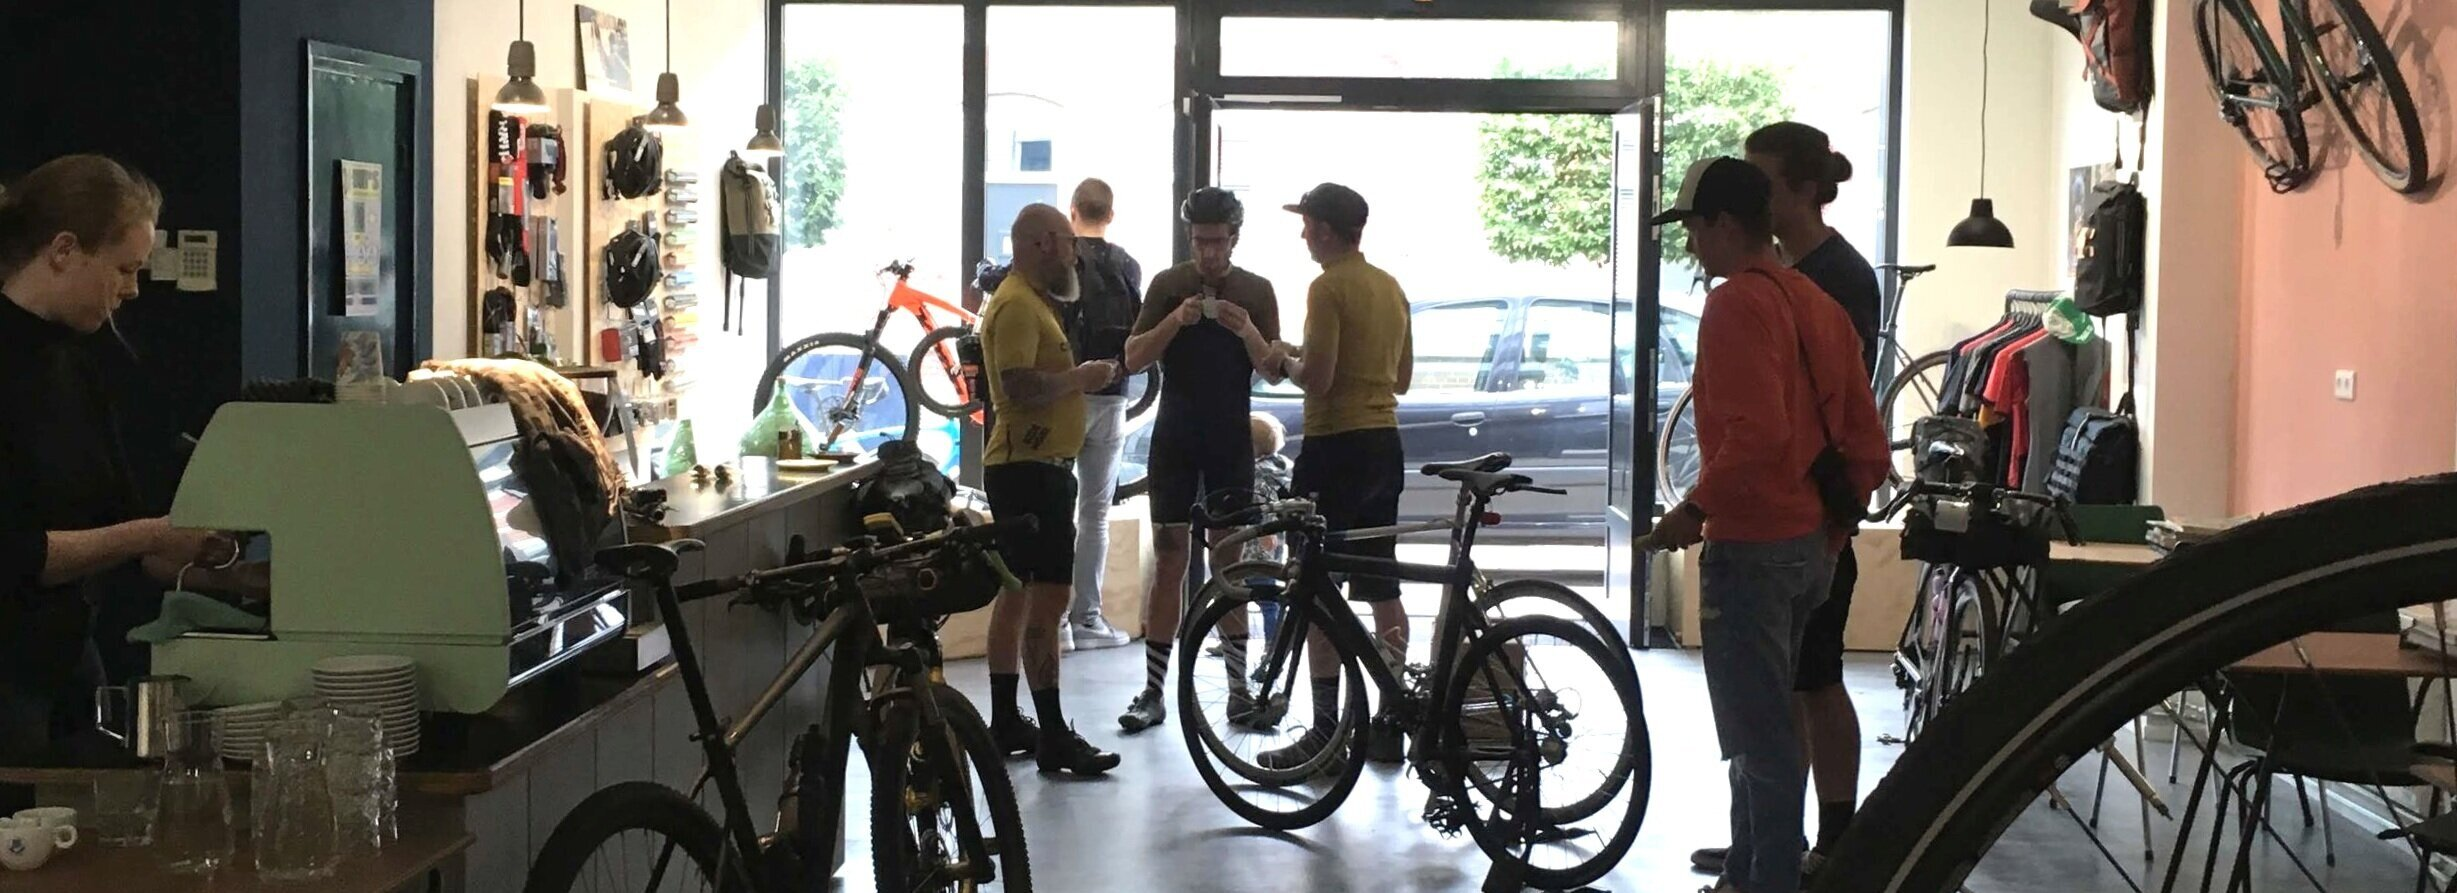 LiebesRad een plek voor fietsers in Eindhoven